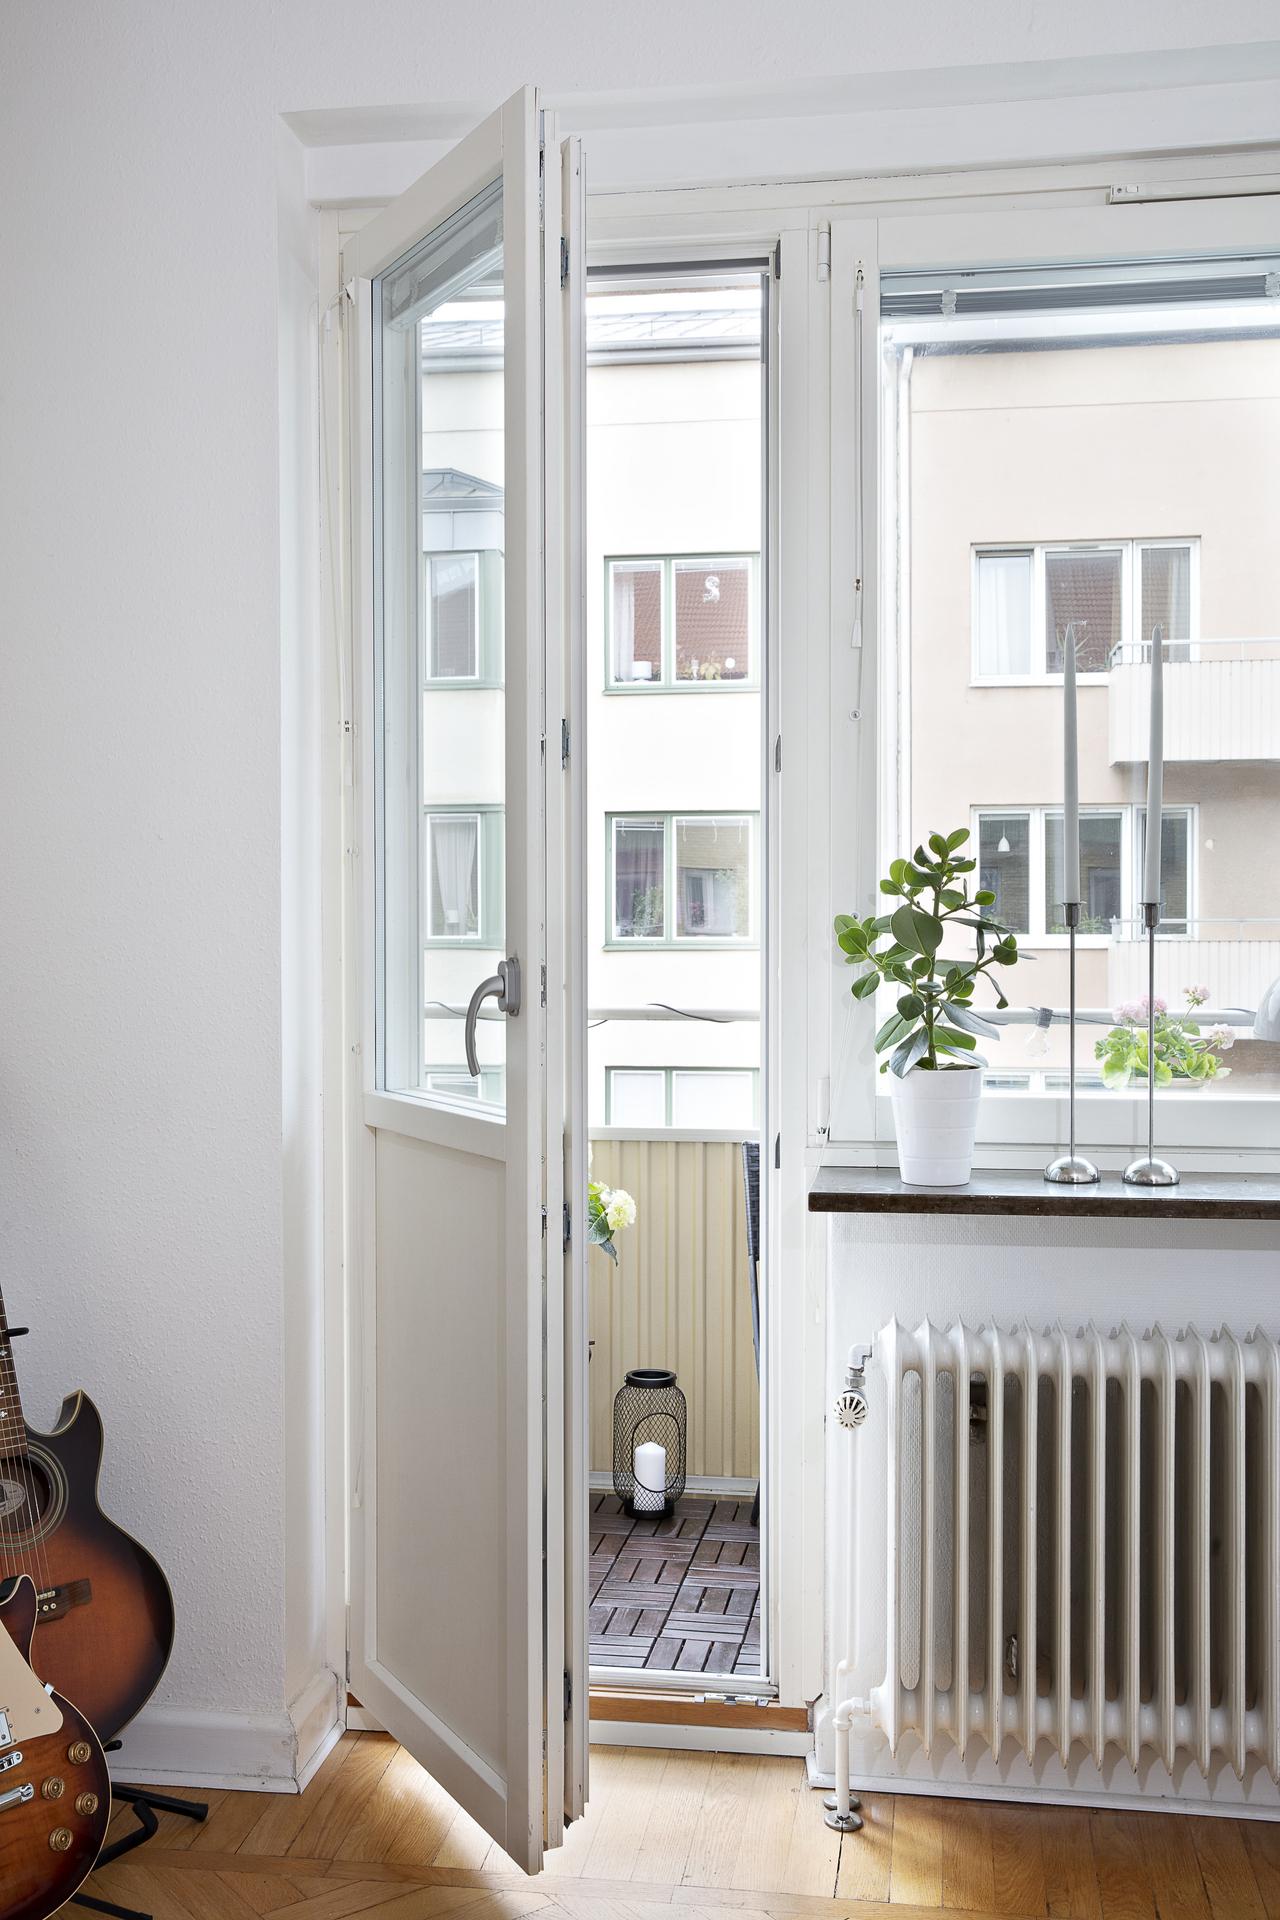 Här har vi fönster som vetter mot söder och utgång till balkongen